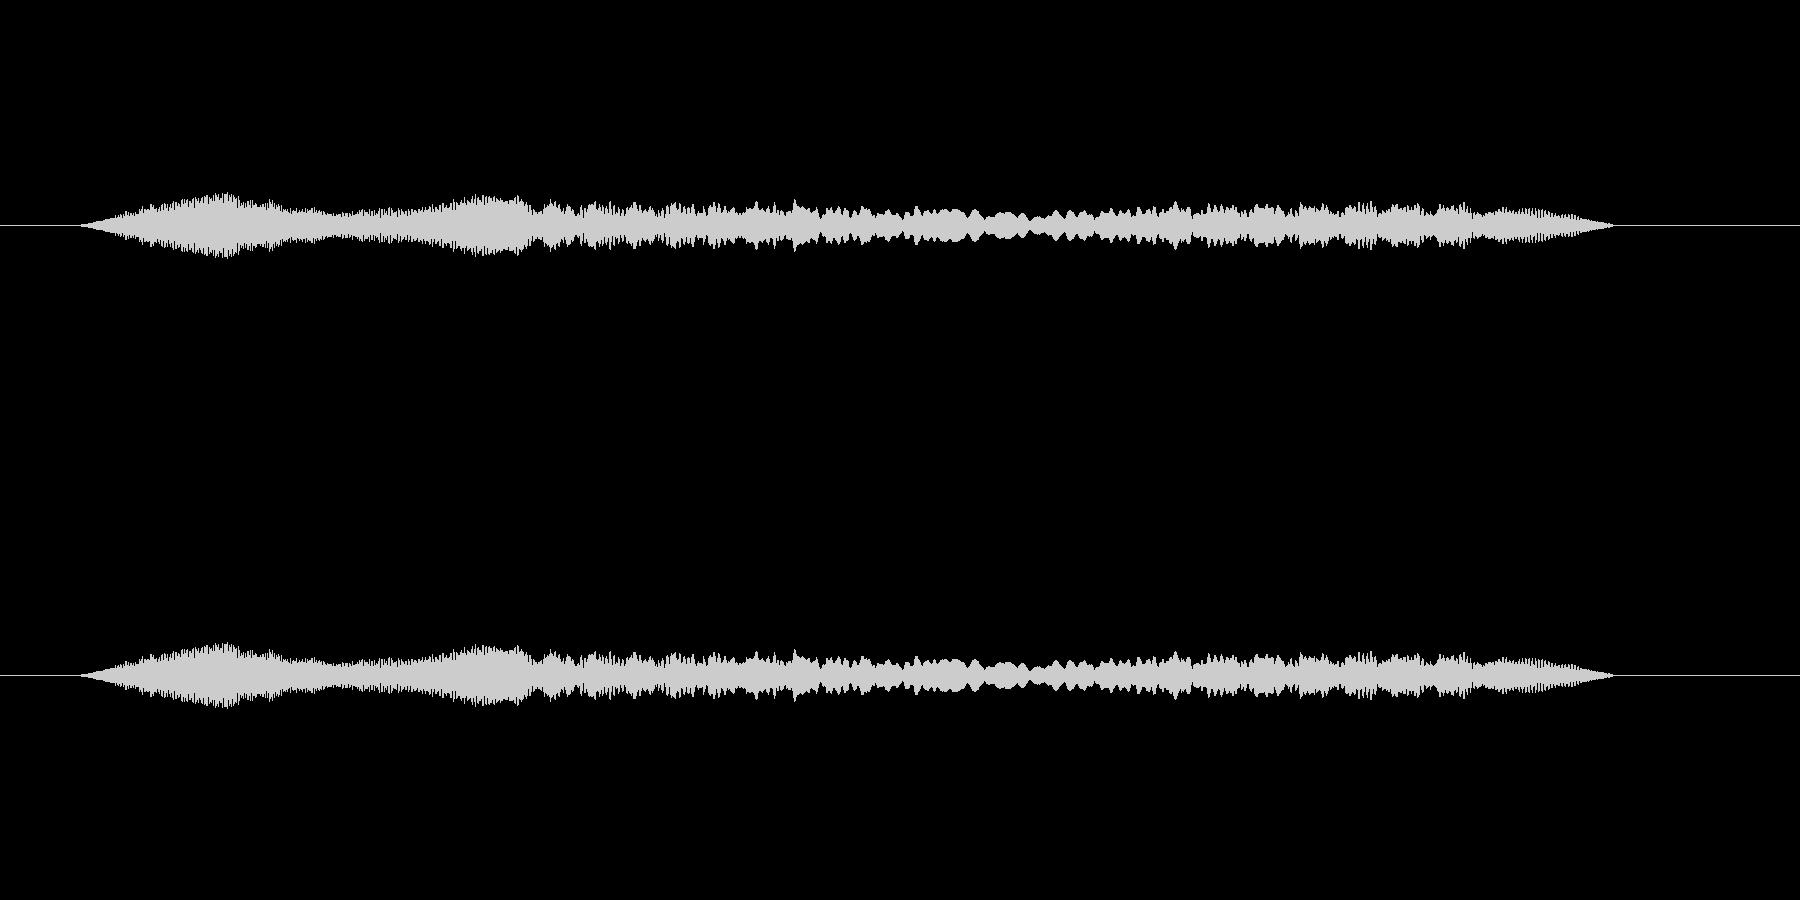 鈴虫の鳴き声をSynthで作成しました…の未再生の波形